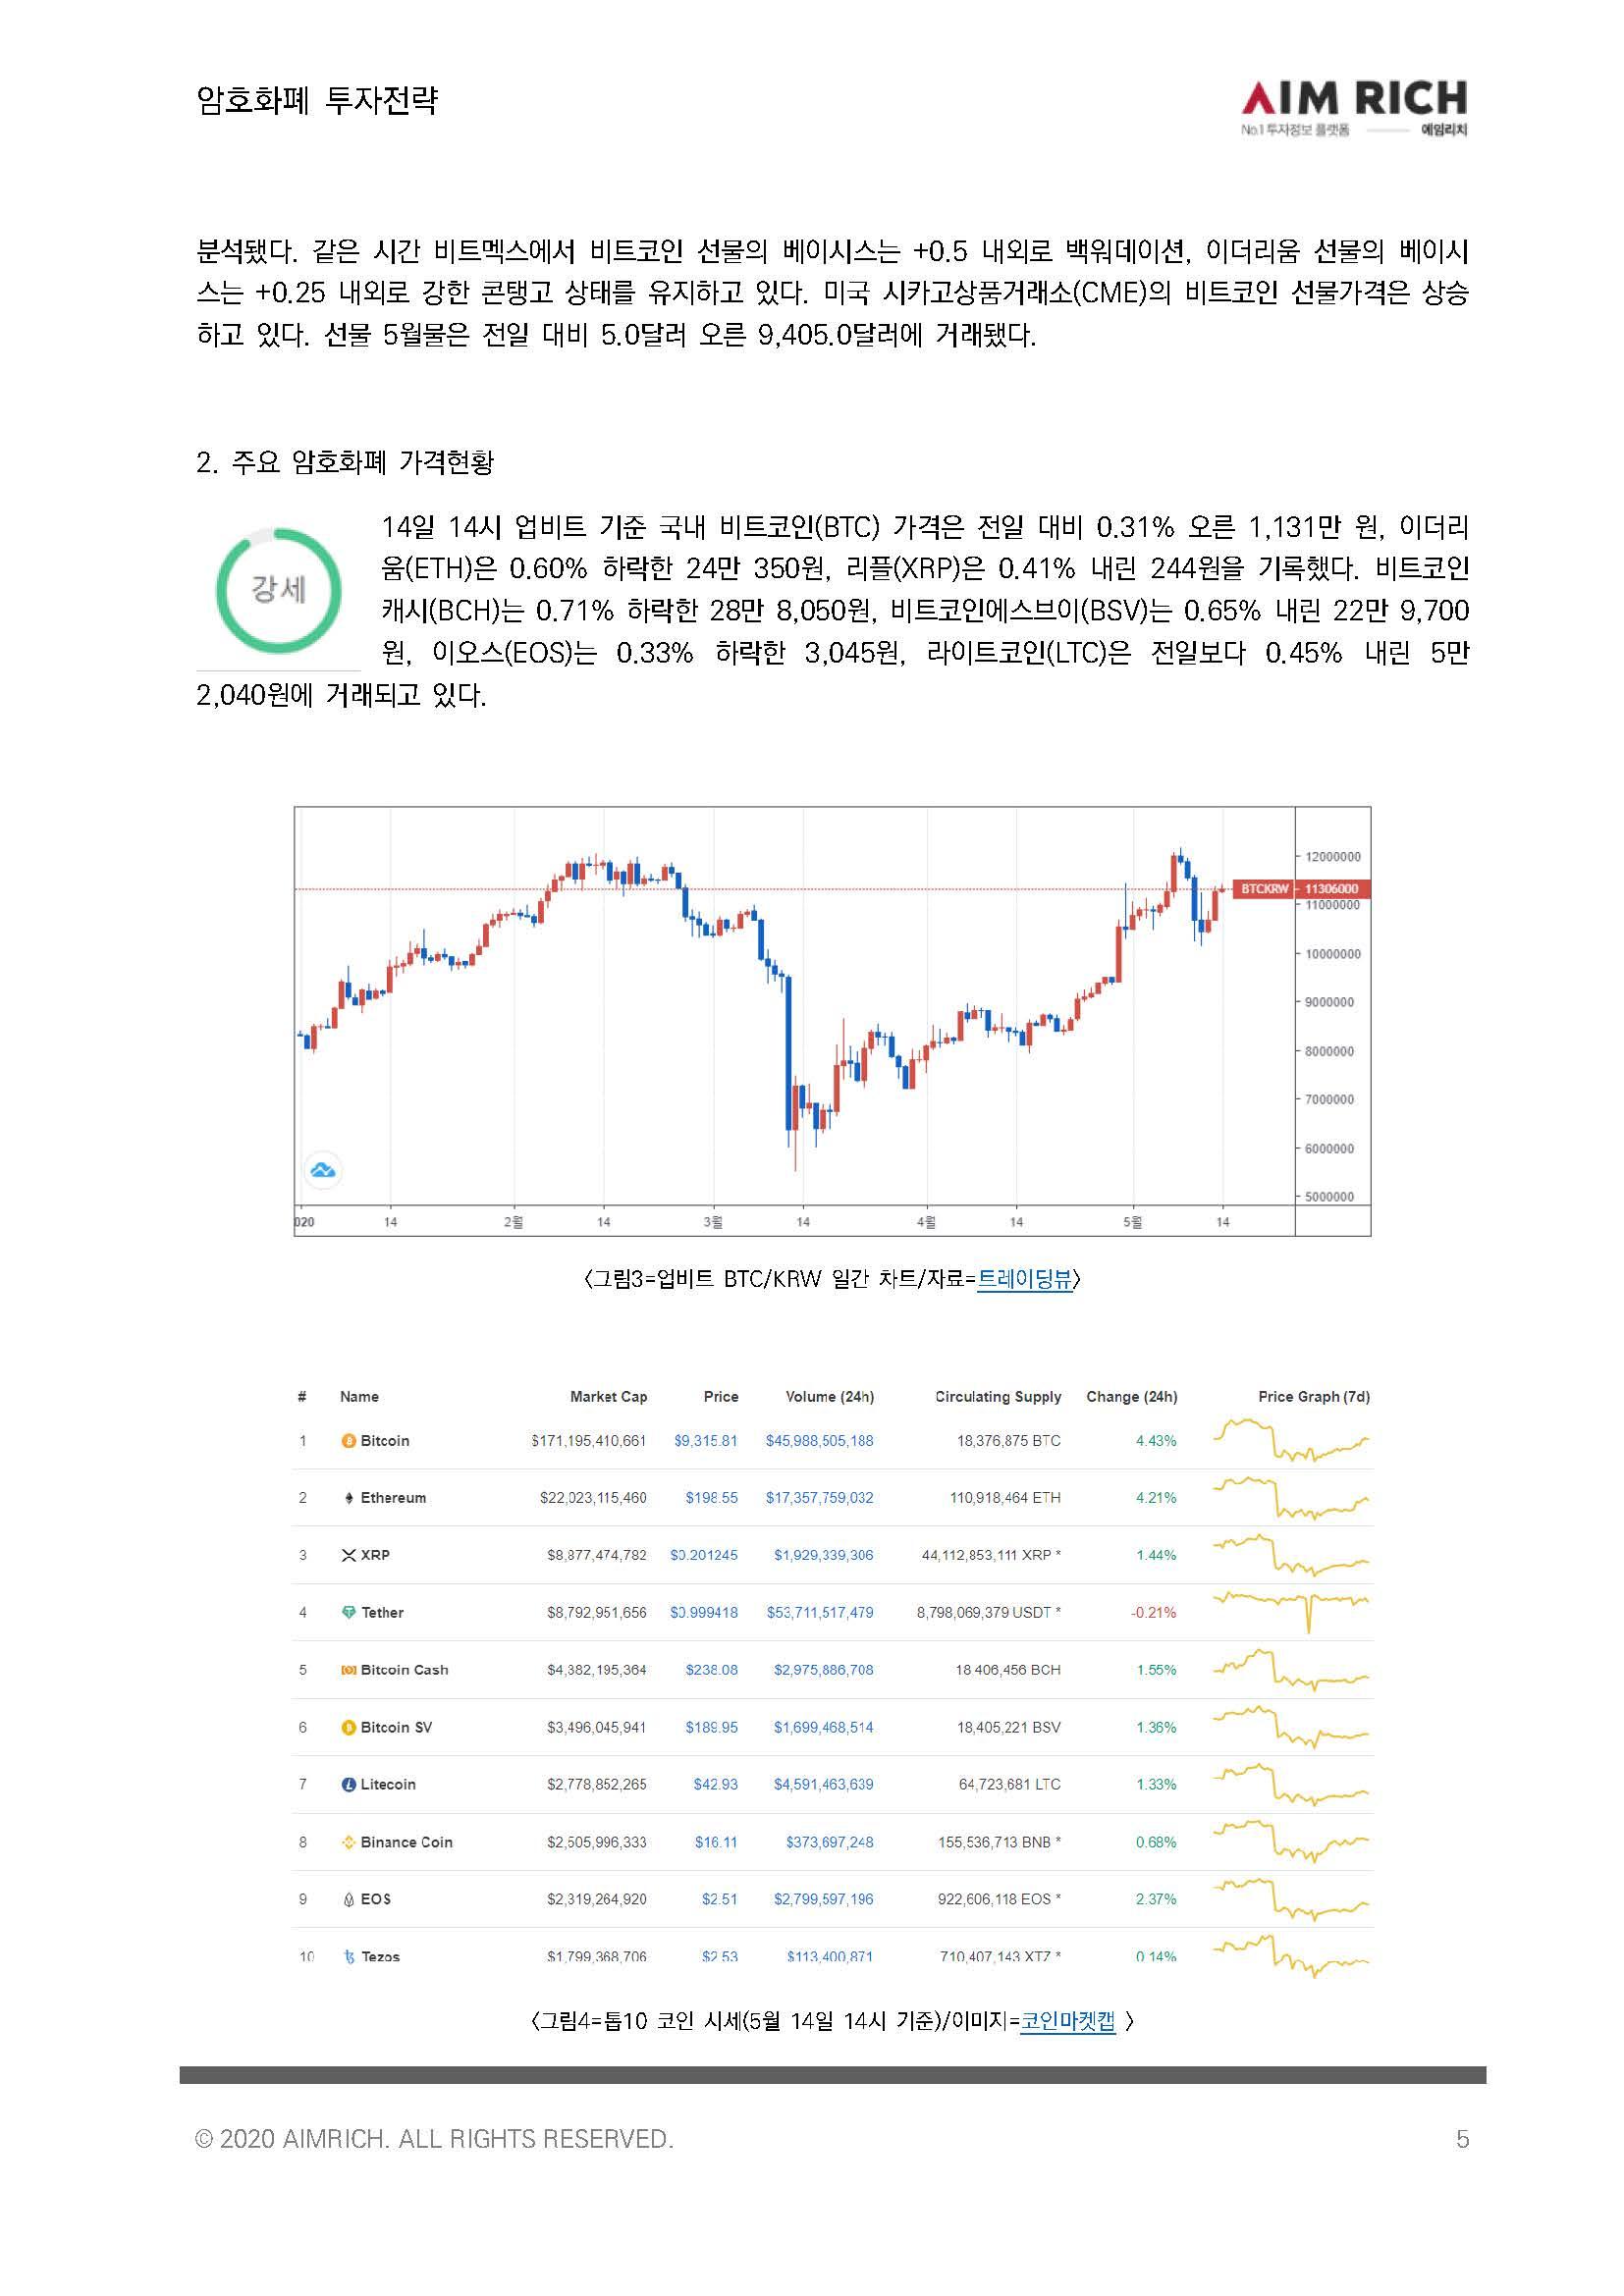 [투자전략]비트코인, 주요 자산 중 연초대비 수익률 1위로 '강세'_20200514_페이지_05.jpg